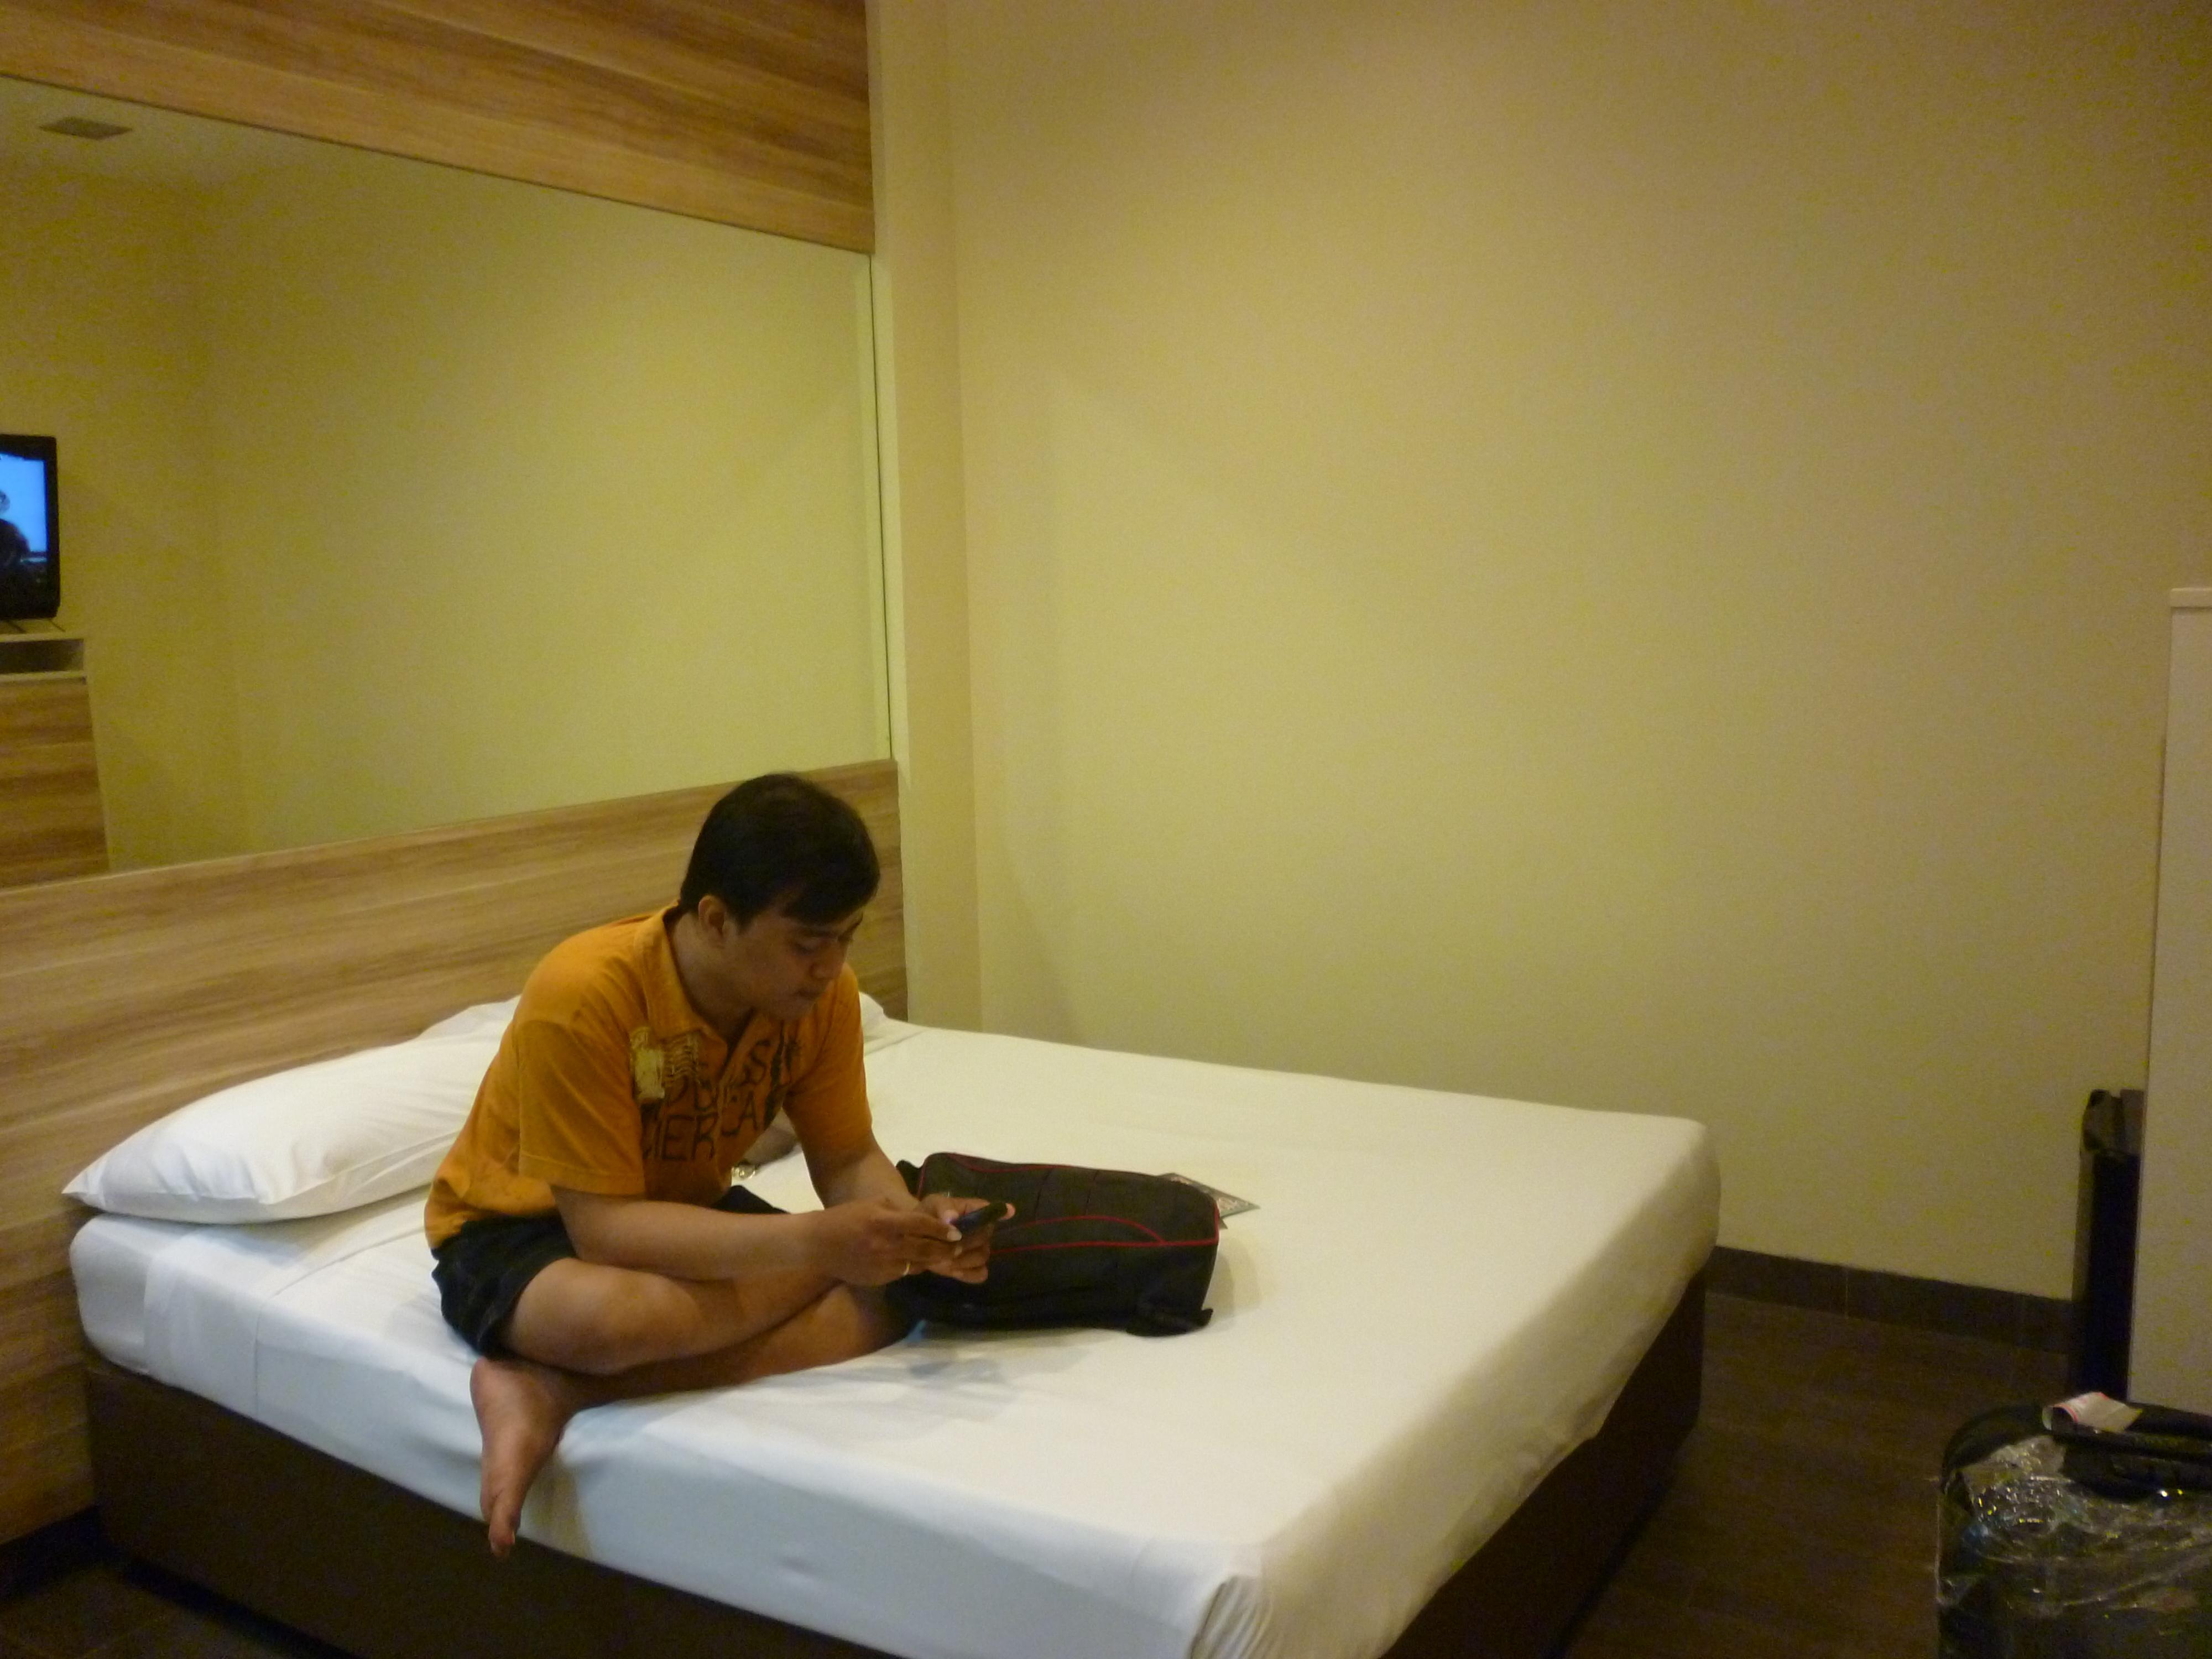 Nginep Dihostel Atau Diapertemen2 Gituberhubung Suamiku Nggak Mau Kamar Mandi And Tempat Tidur Share Jadinya Hotel Ini Bisa Jadi Pilihan Dahkenapa